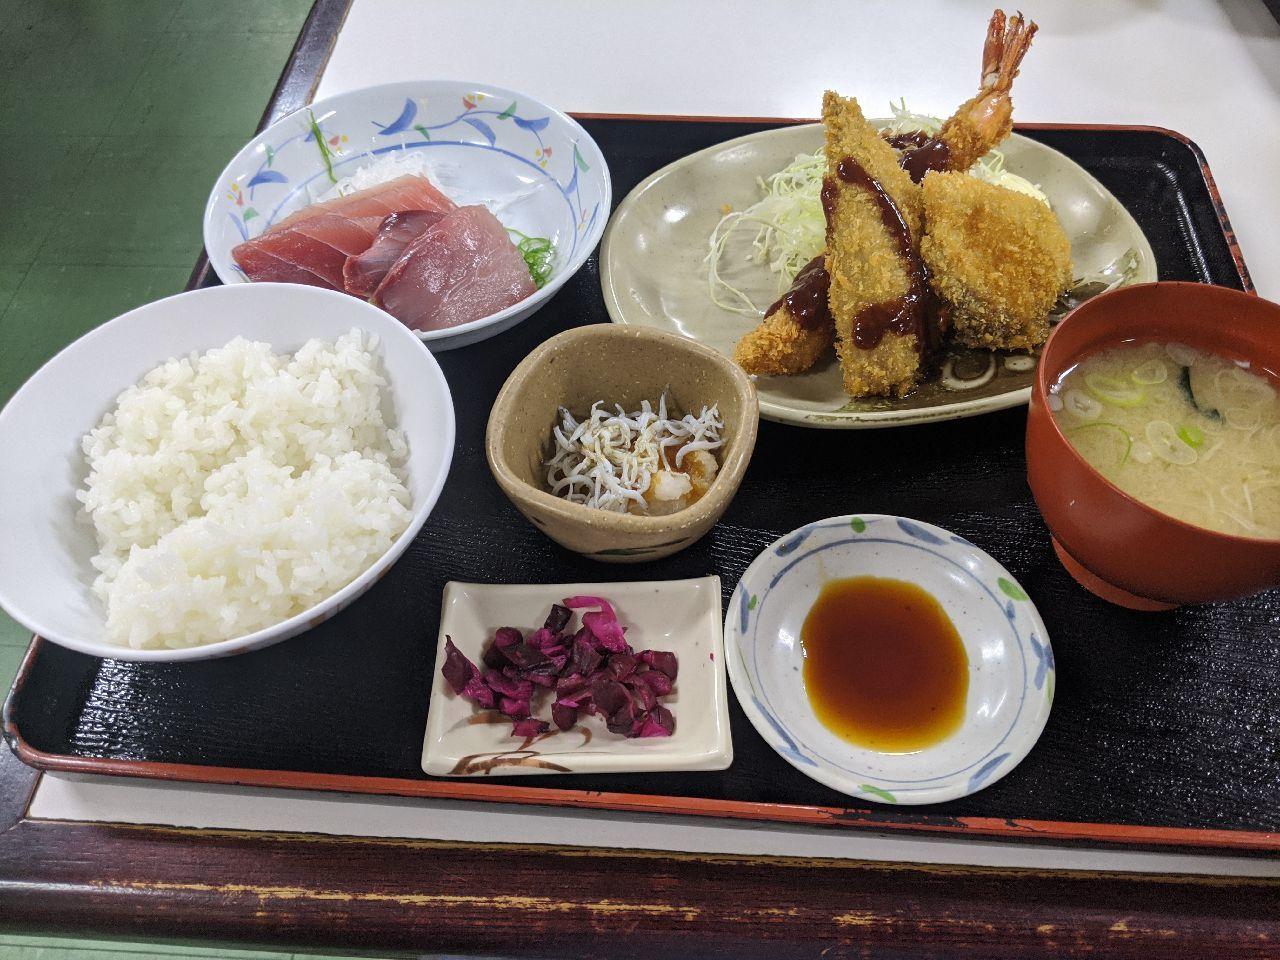 MVIMG_20200626_124306港の昼定食